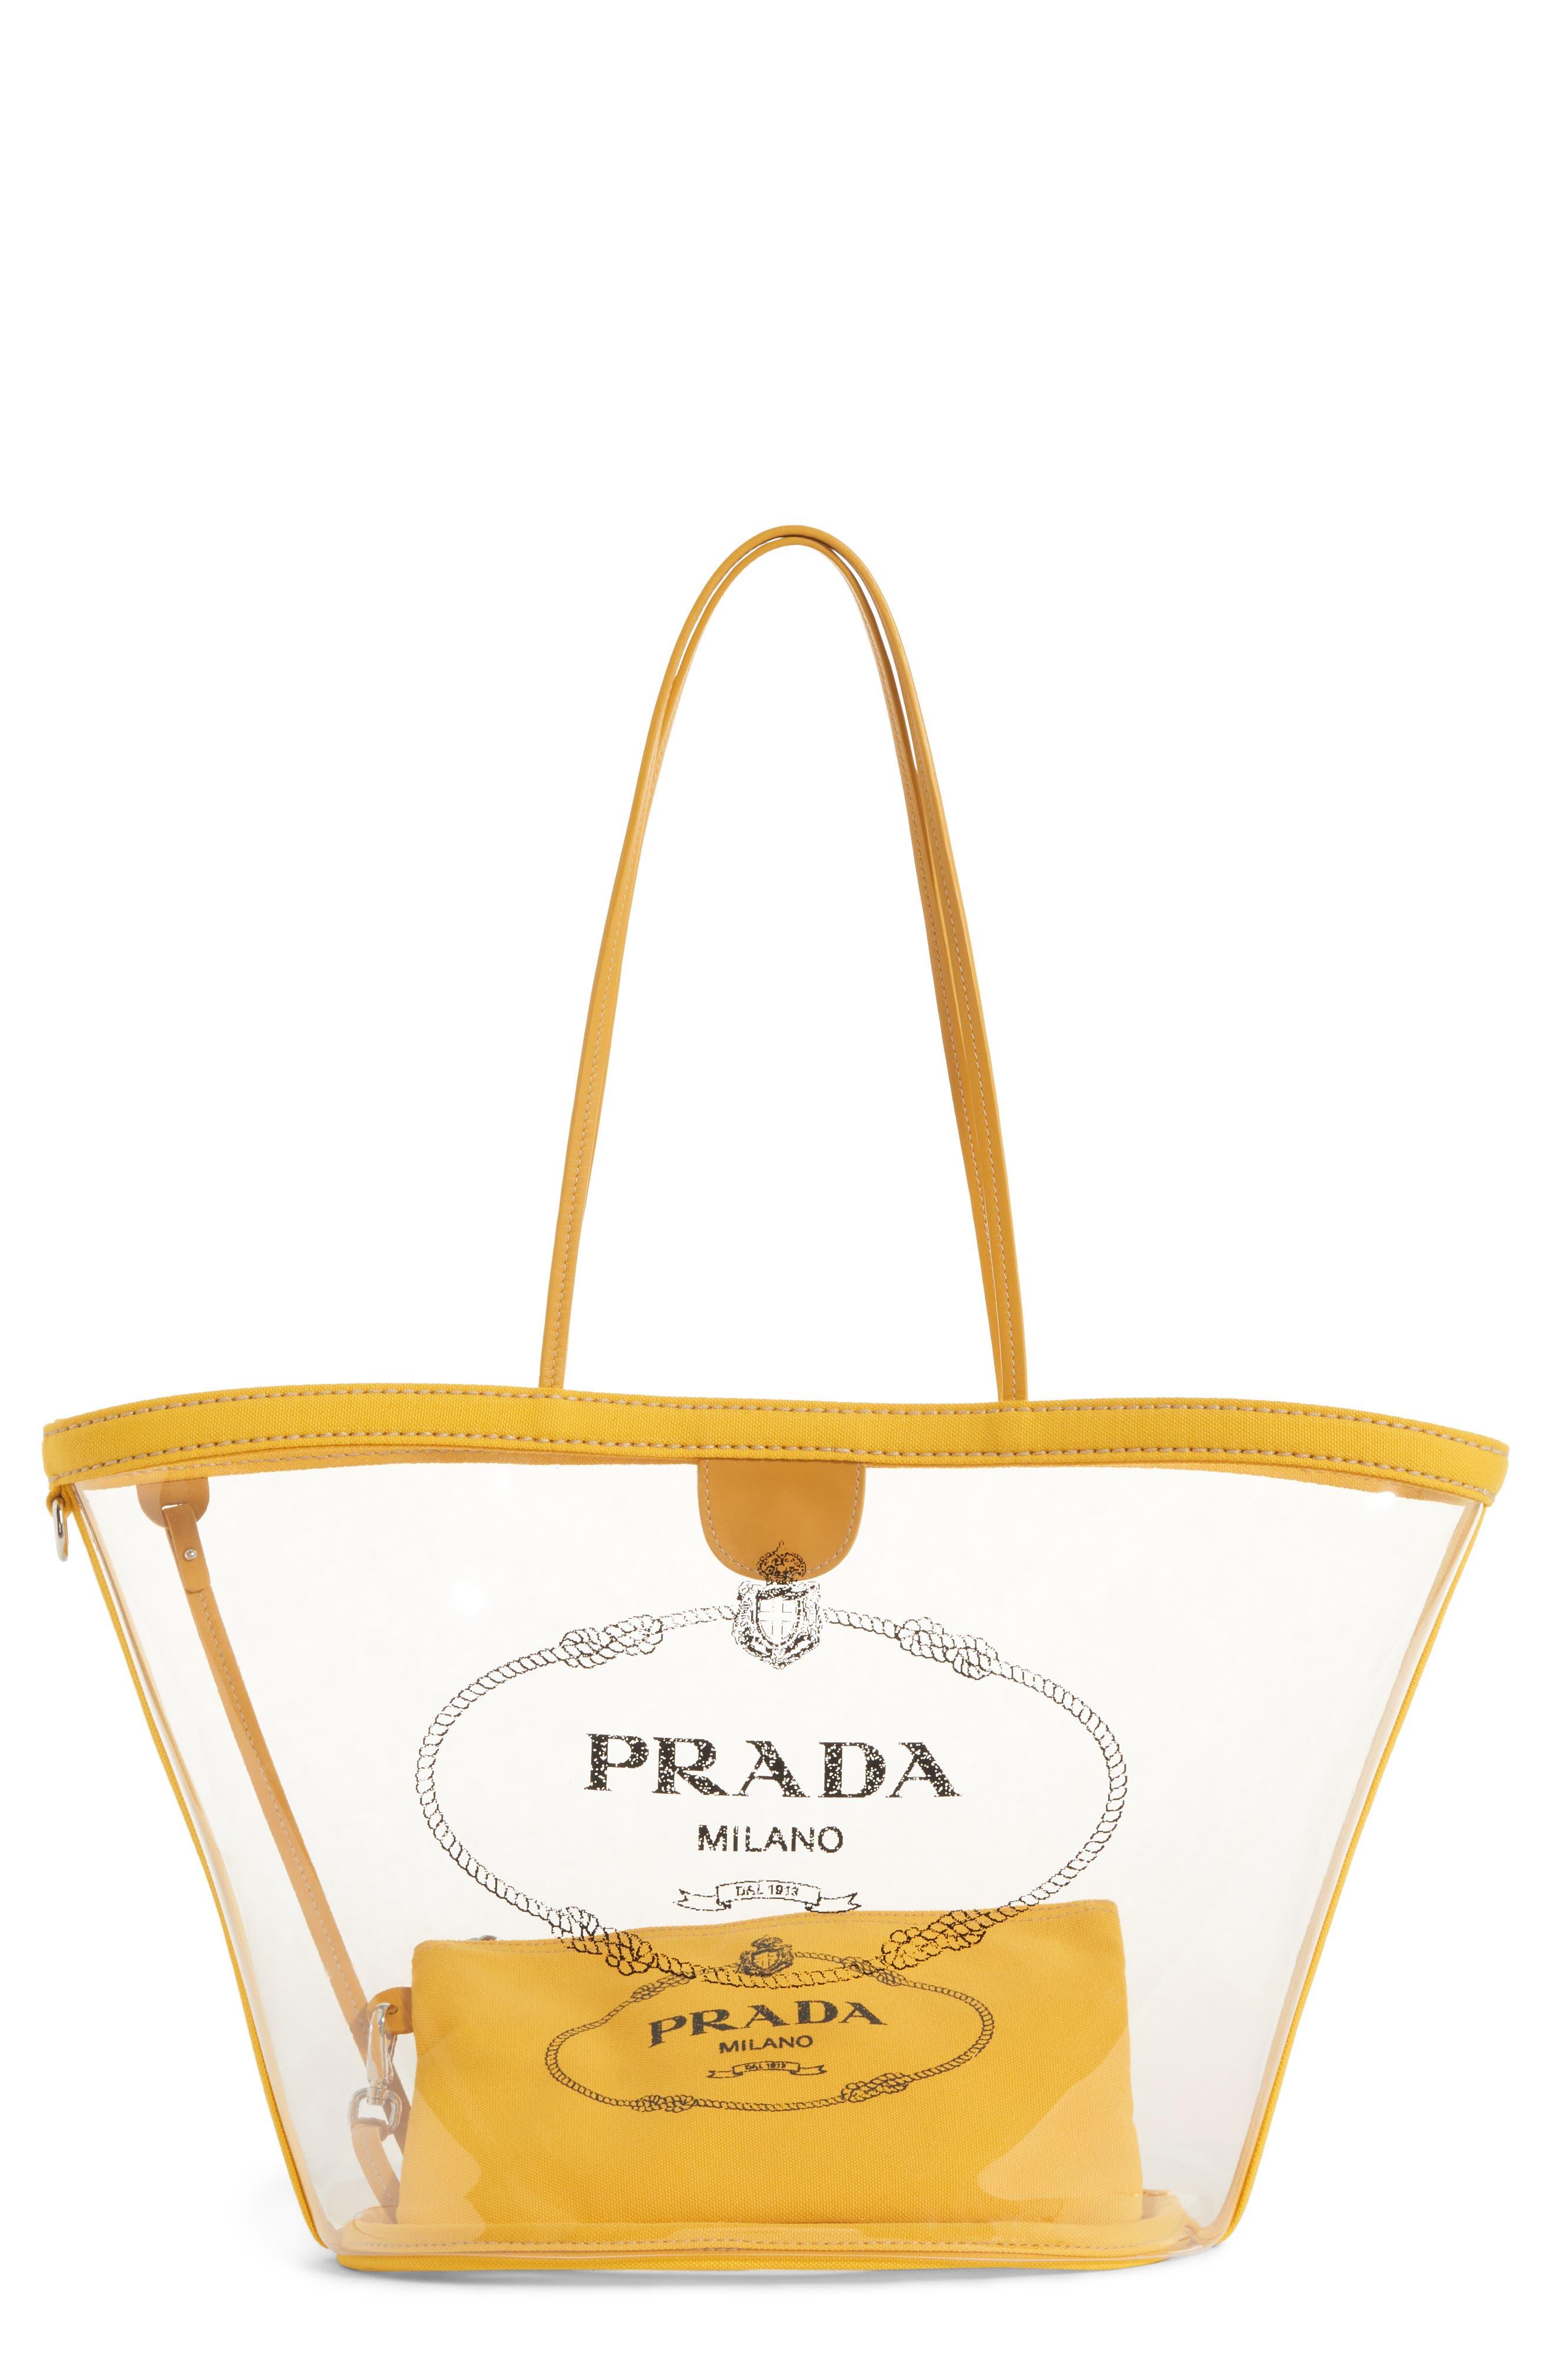 PRADA, Small Plex Shopper, Main thumbnail 1, color, SOLEIL